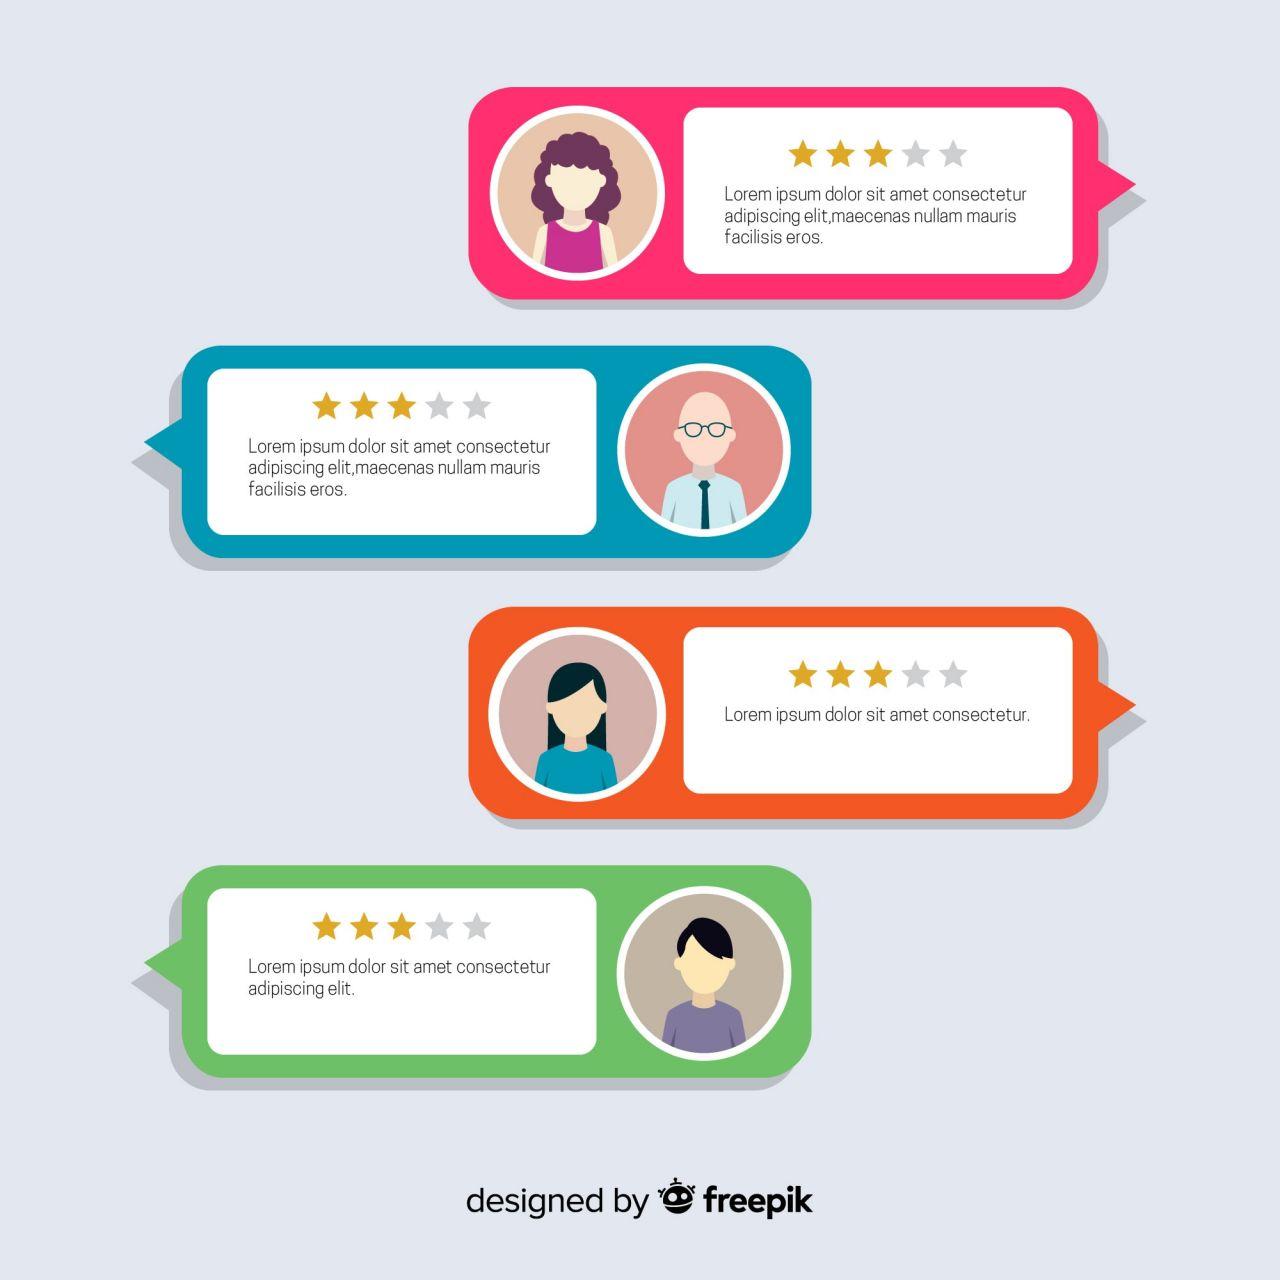 verschiedene Reviews von User-Avataren